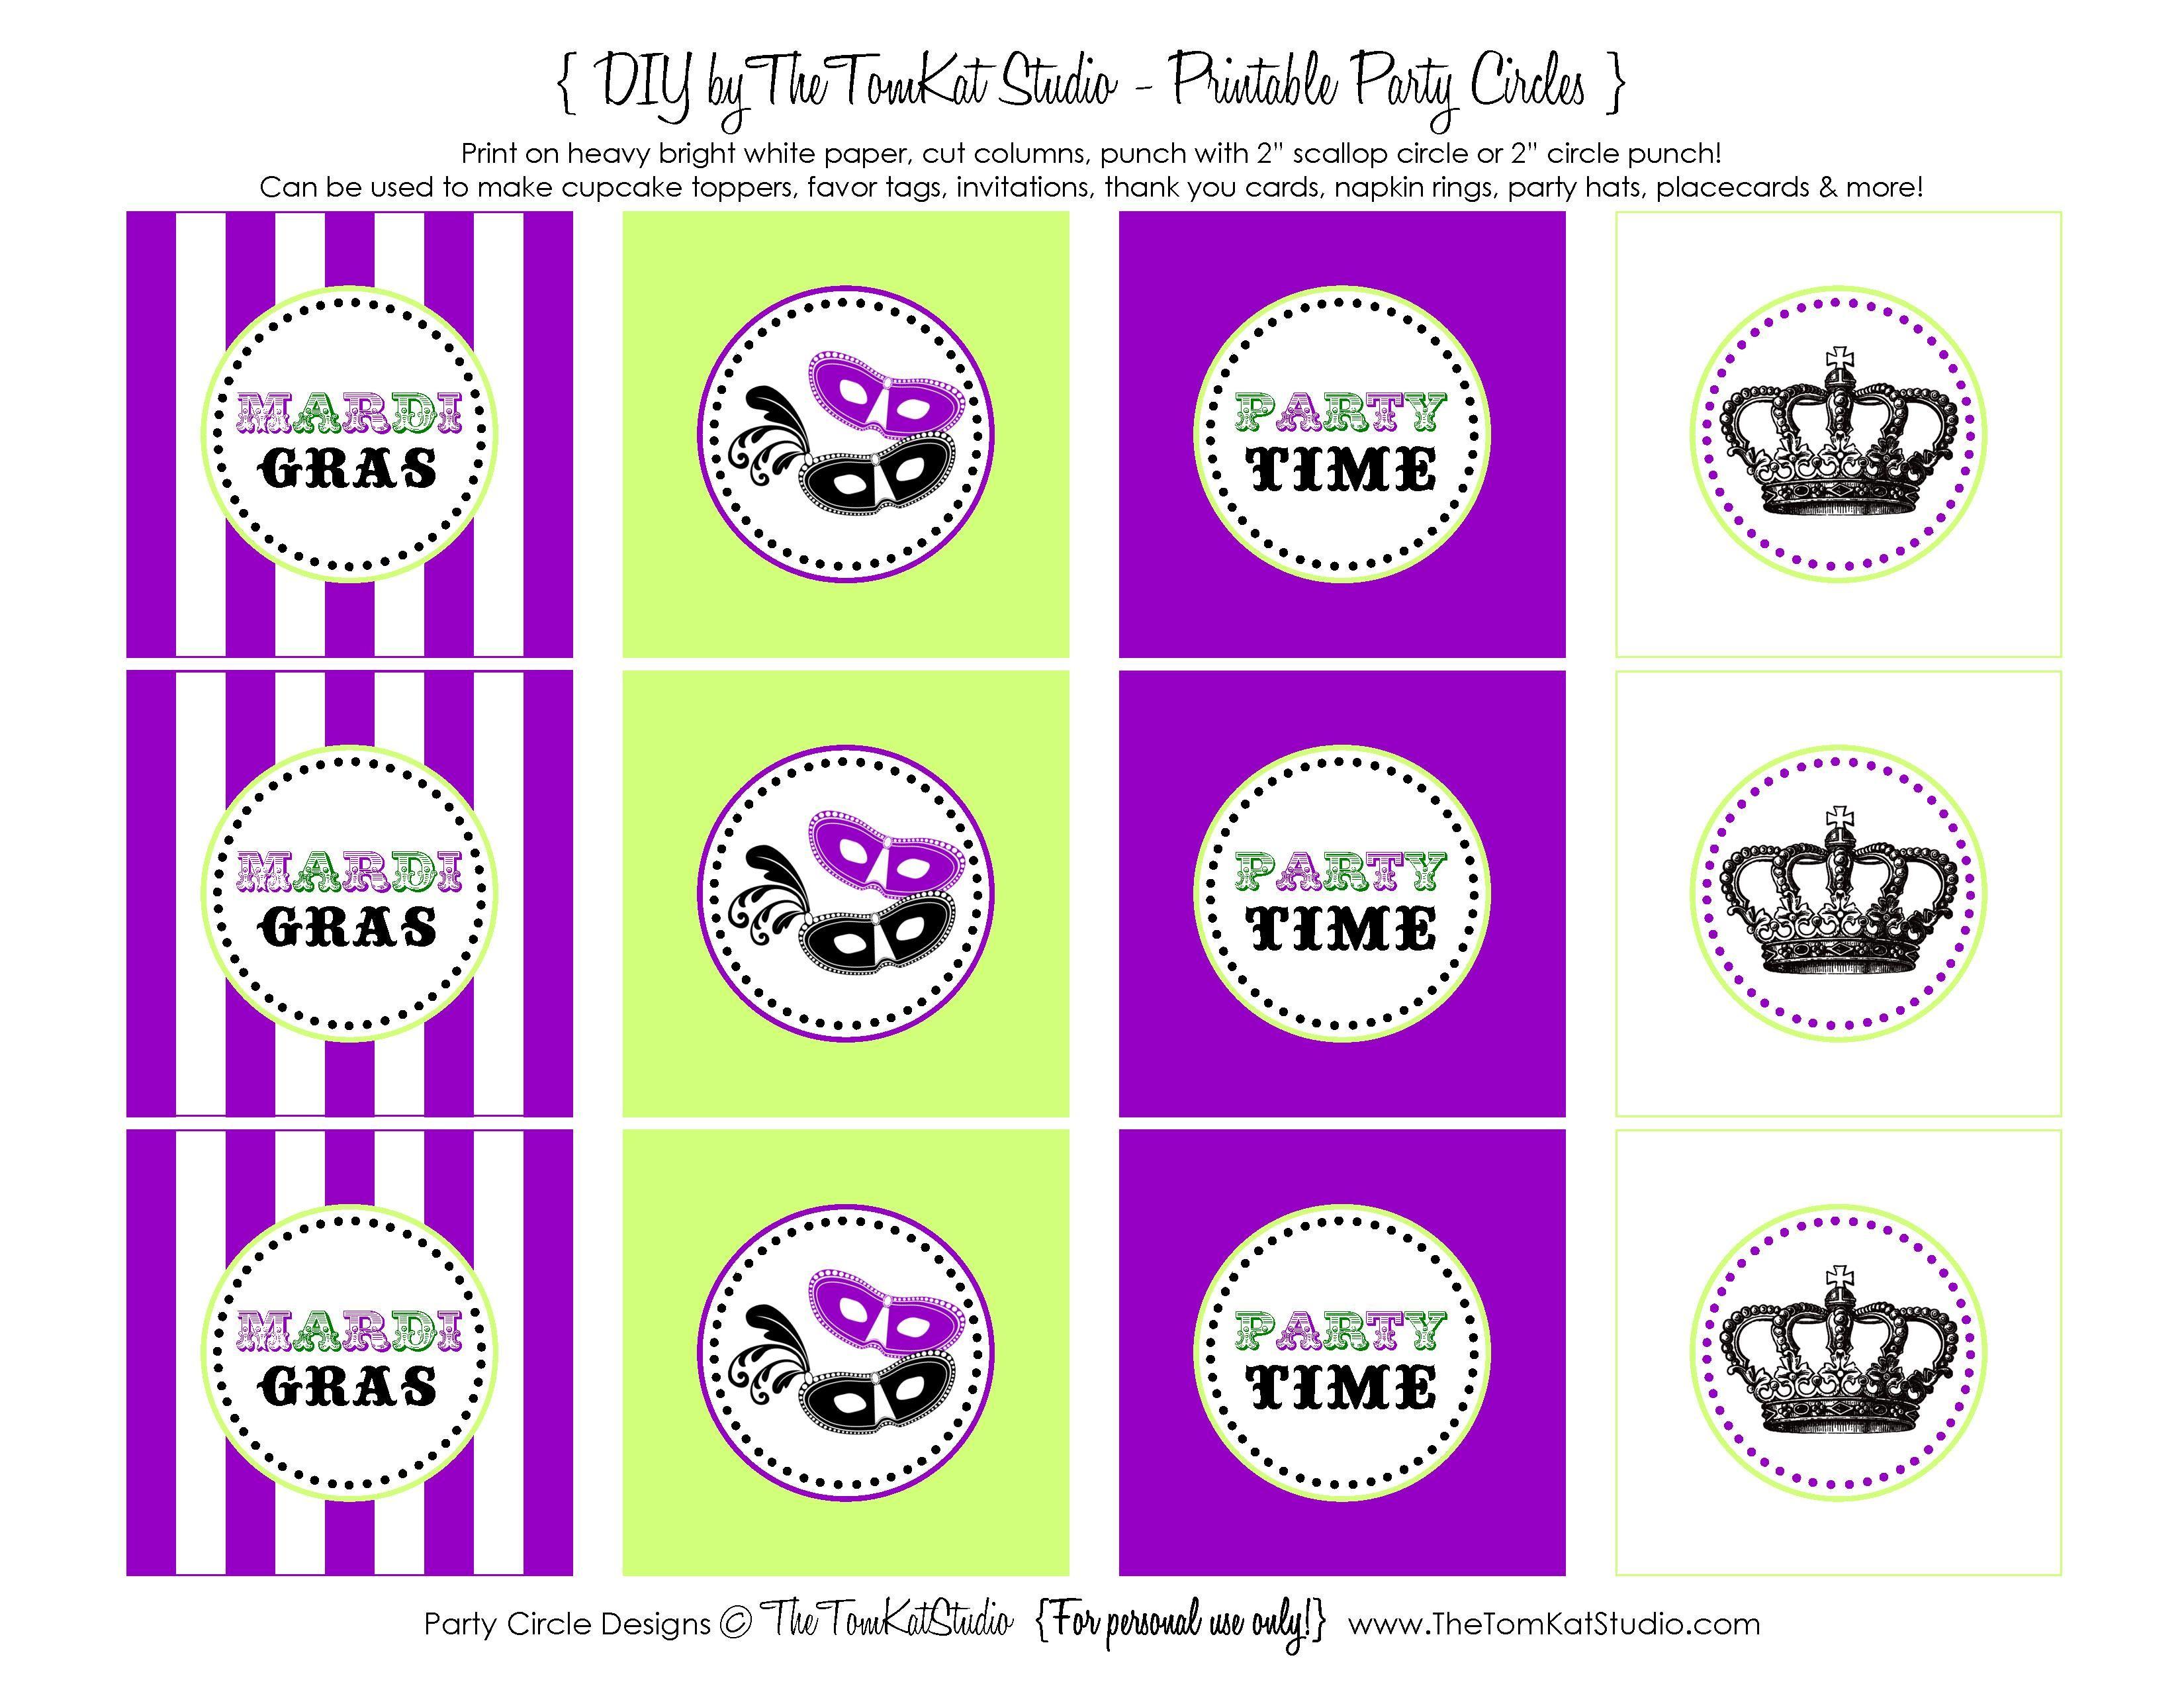 Free Printable} Mardi Gras Party Circles   Mardi Gras Party   Mardi - Free Printable Party Circles